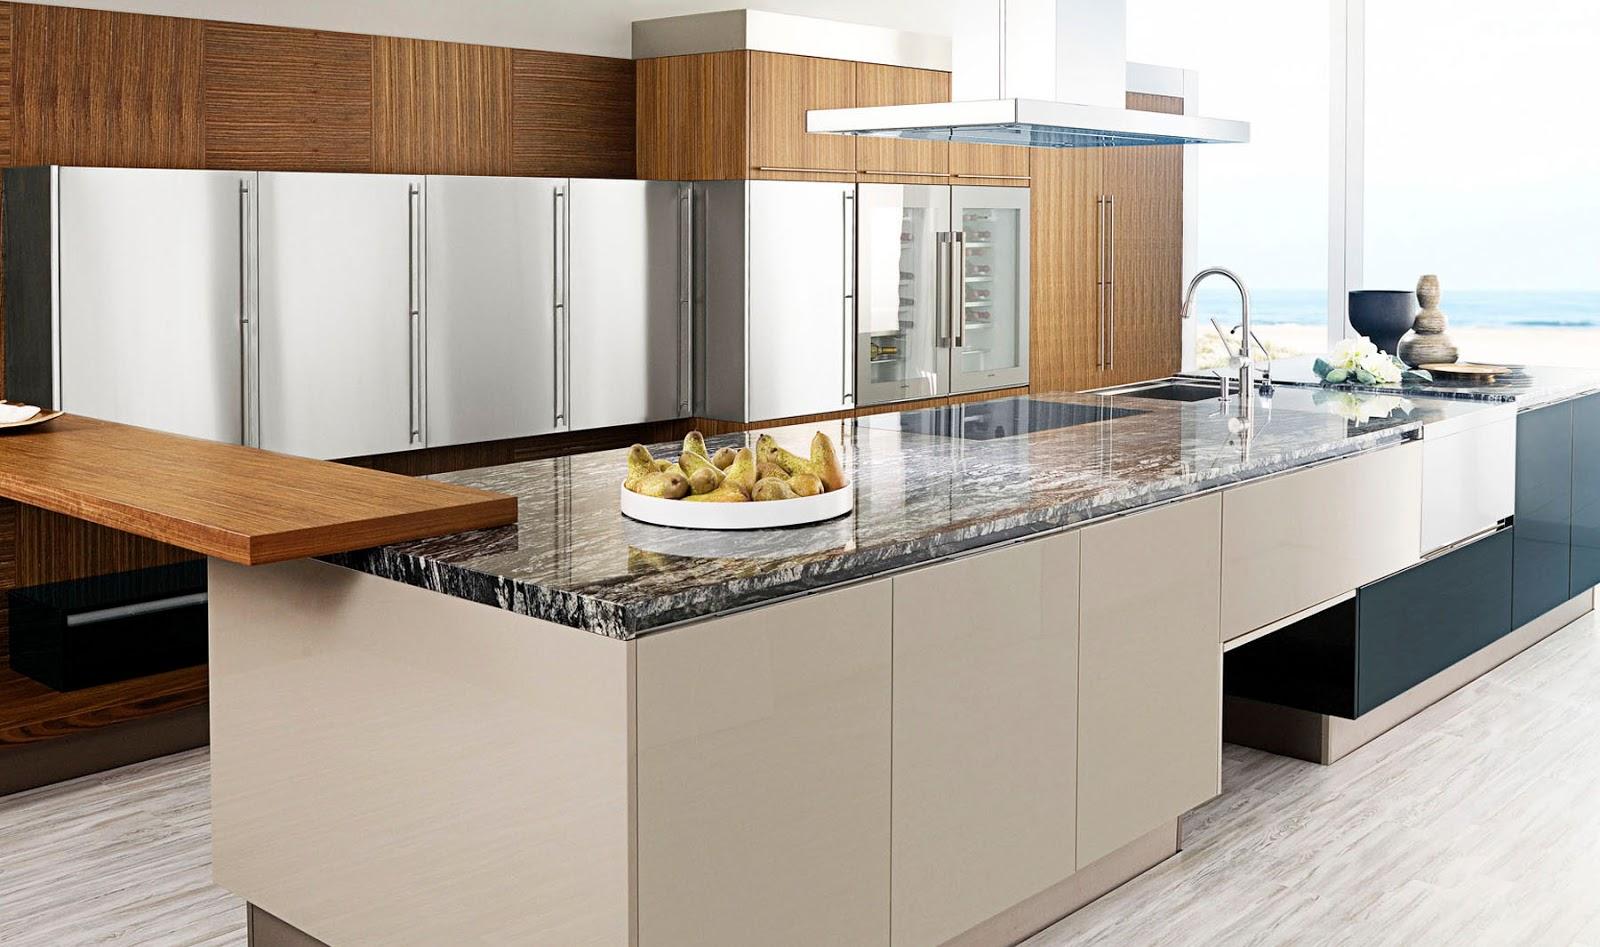 Cocinas ventanas aluminio y pvc santander presupuesto for Cocinas santander